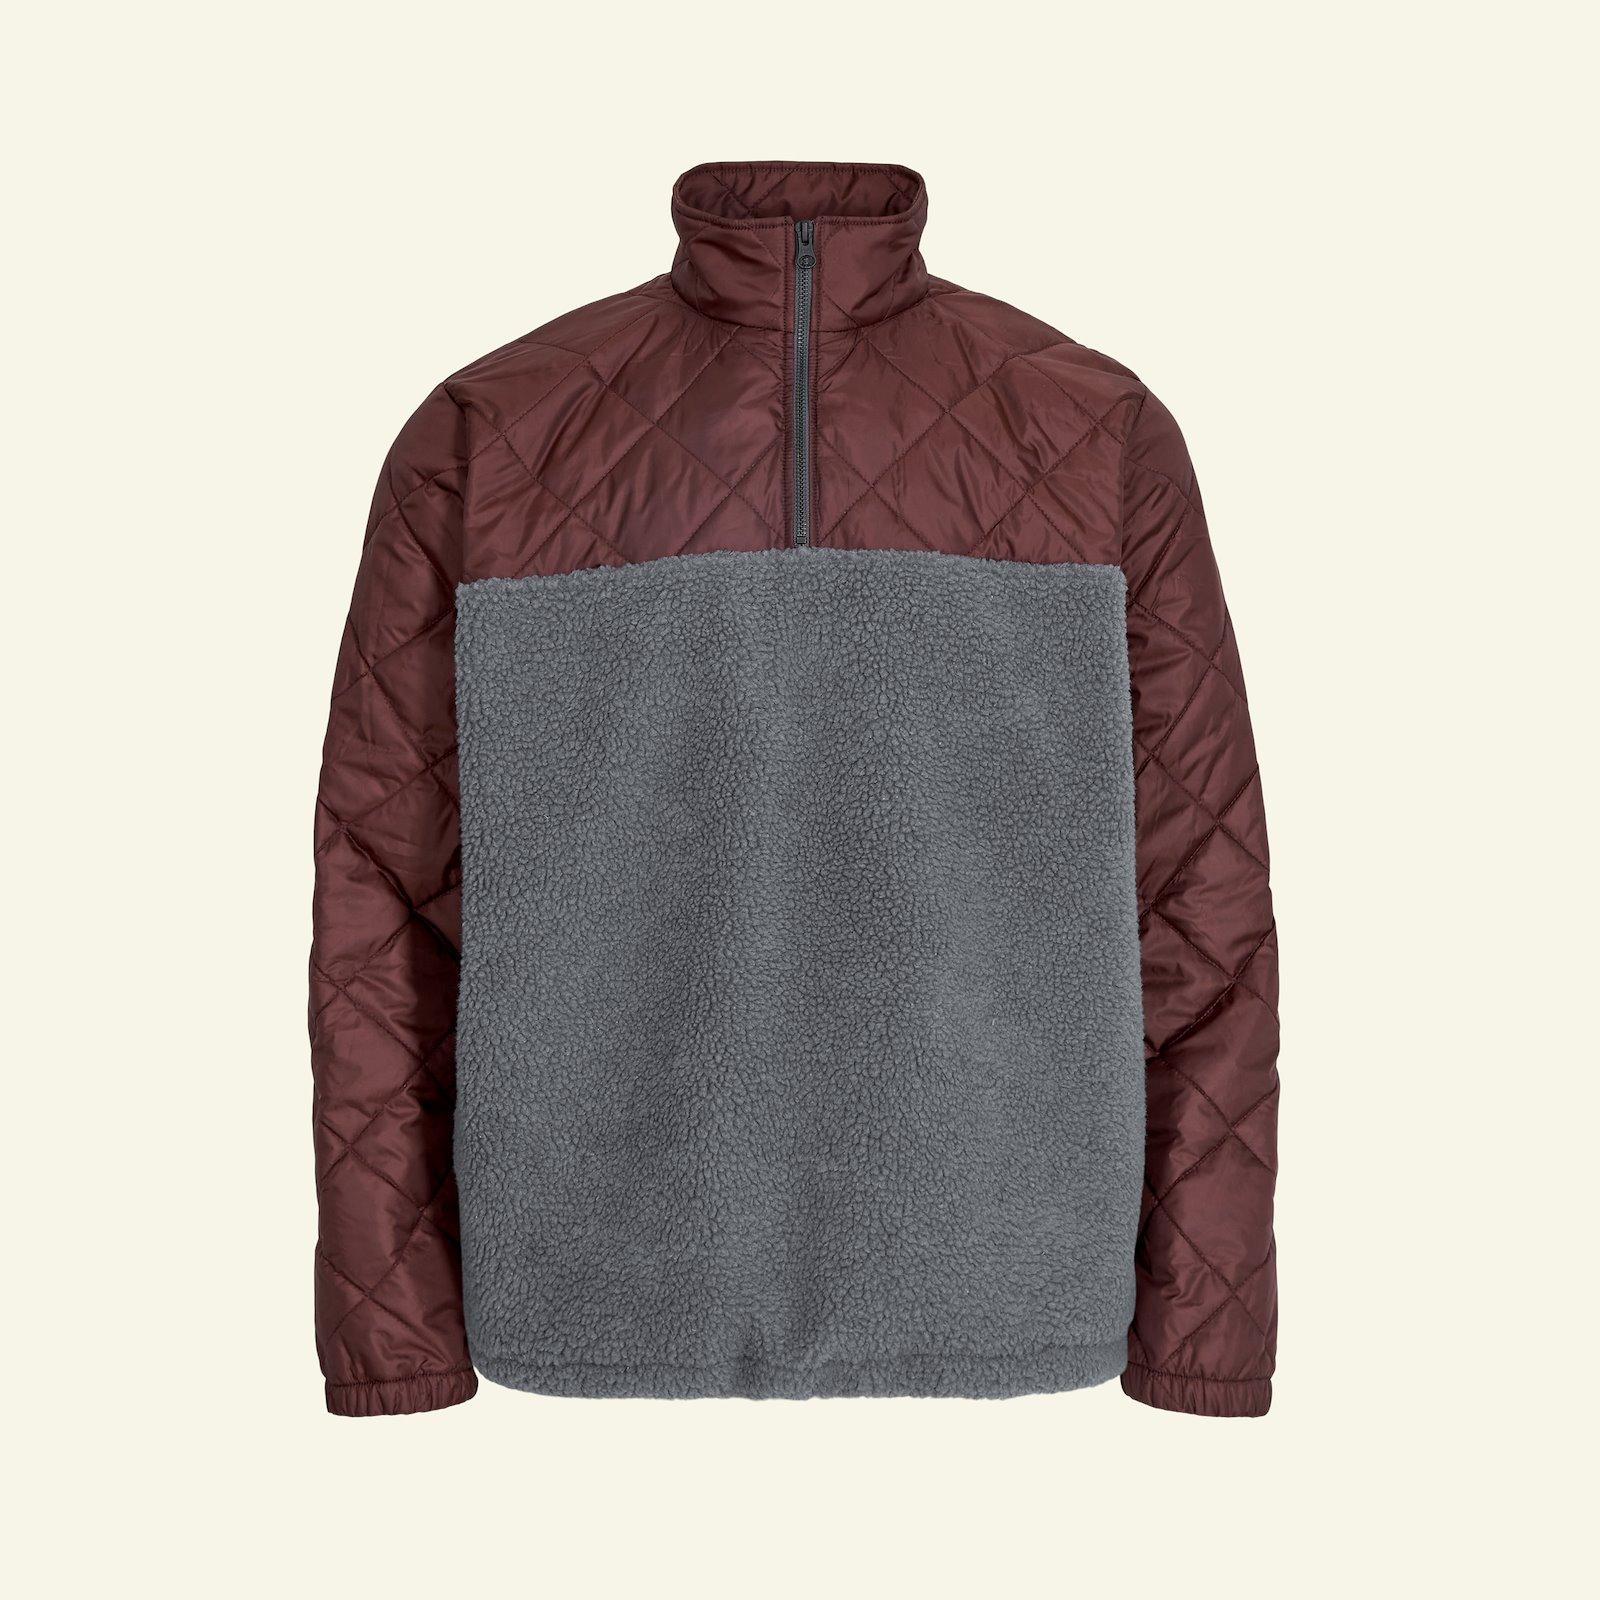 Sweatshirt und jacke p87004_920234_910268_3507043_43705_sskit